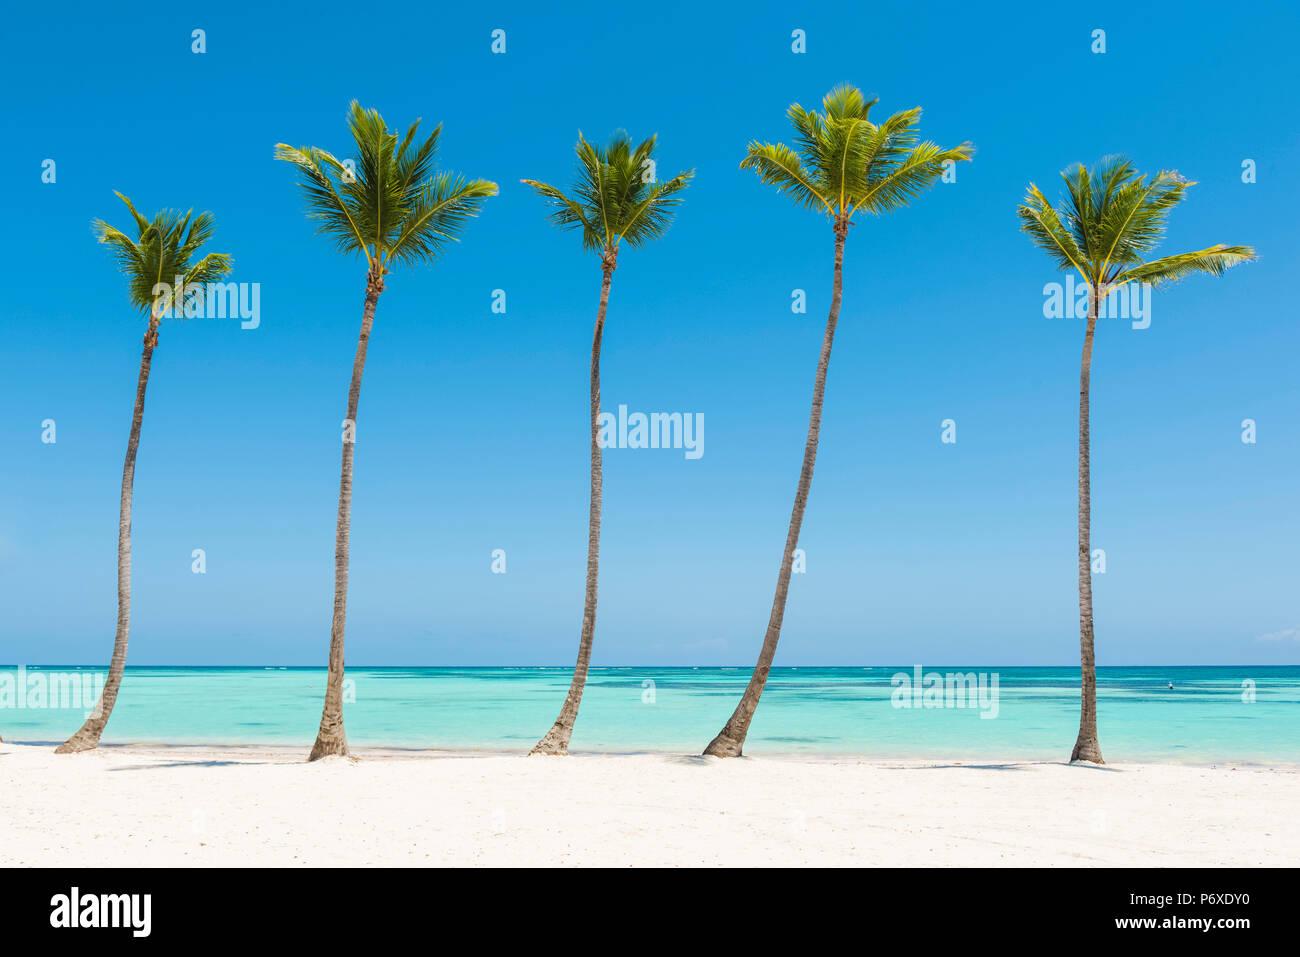 Juanillo Beach (Playa Juanillo, Punta Cana, República Dominicana. Playa rodeada de palmeras. Imagen De Stock